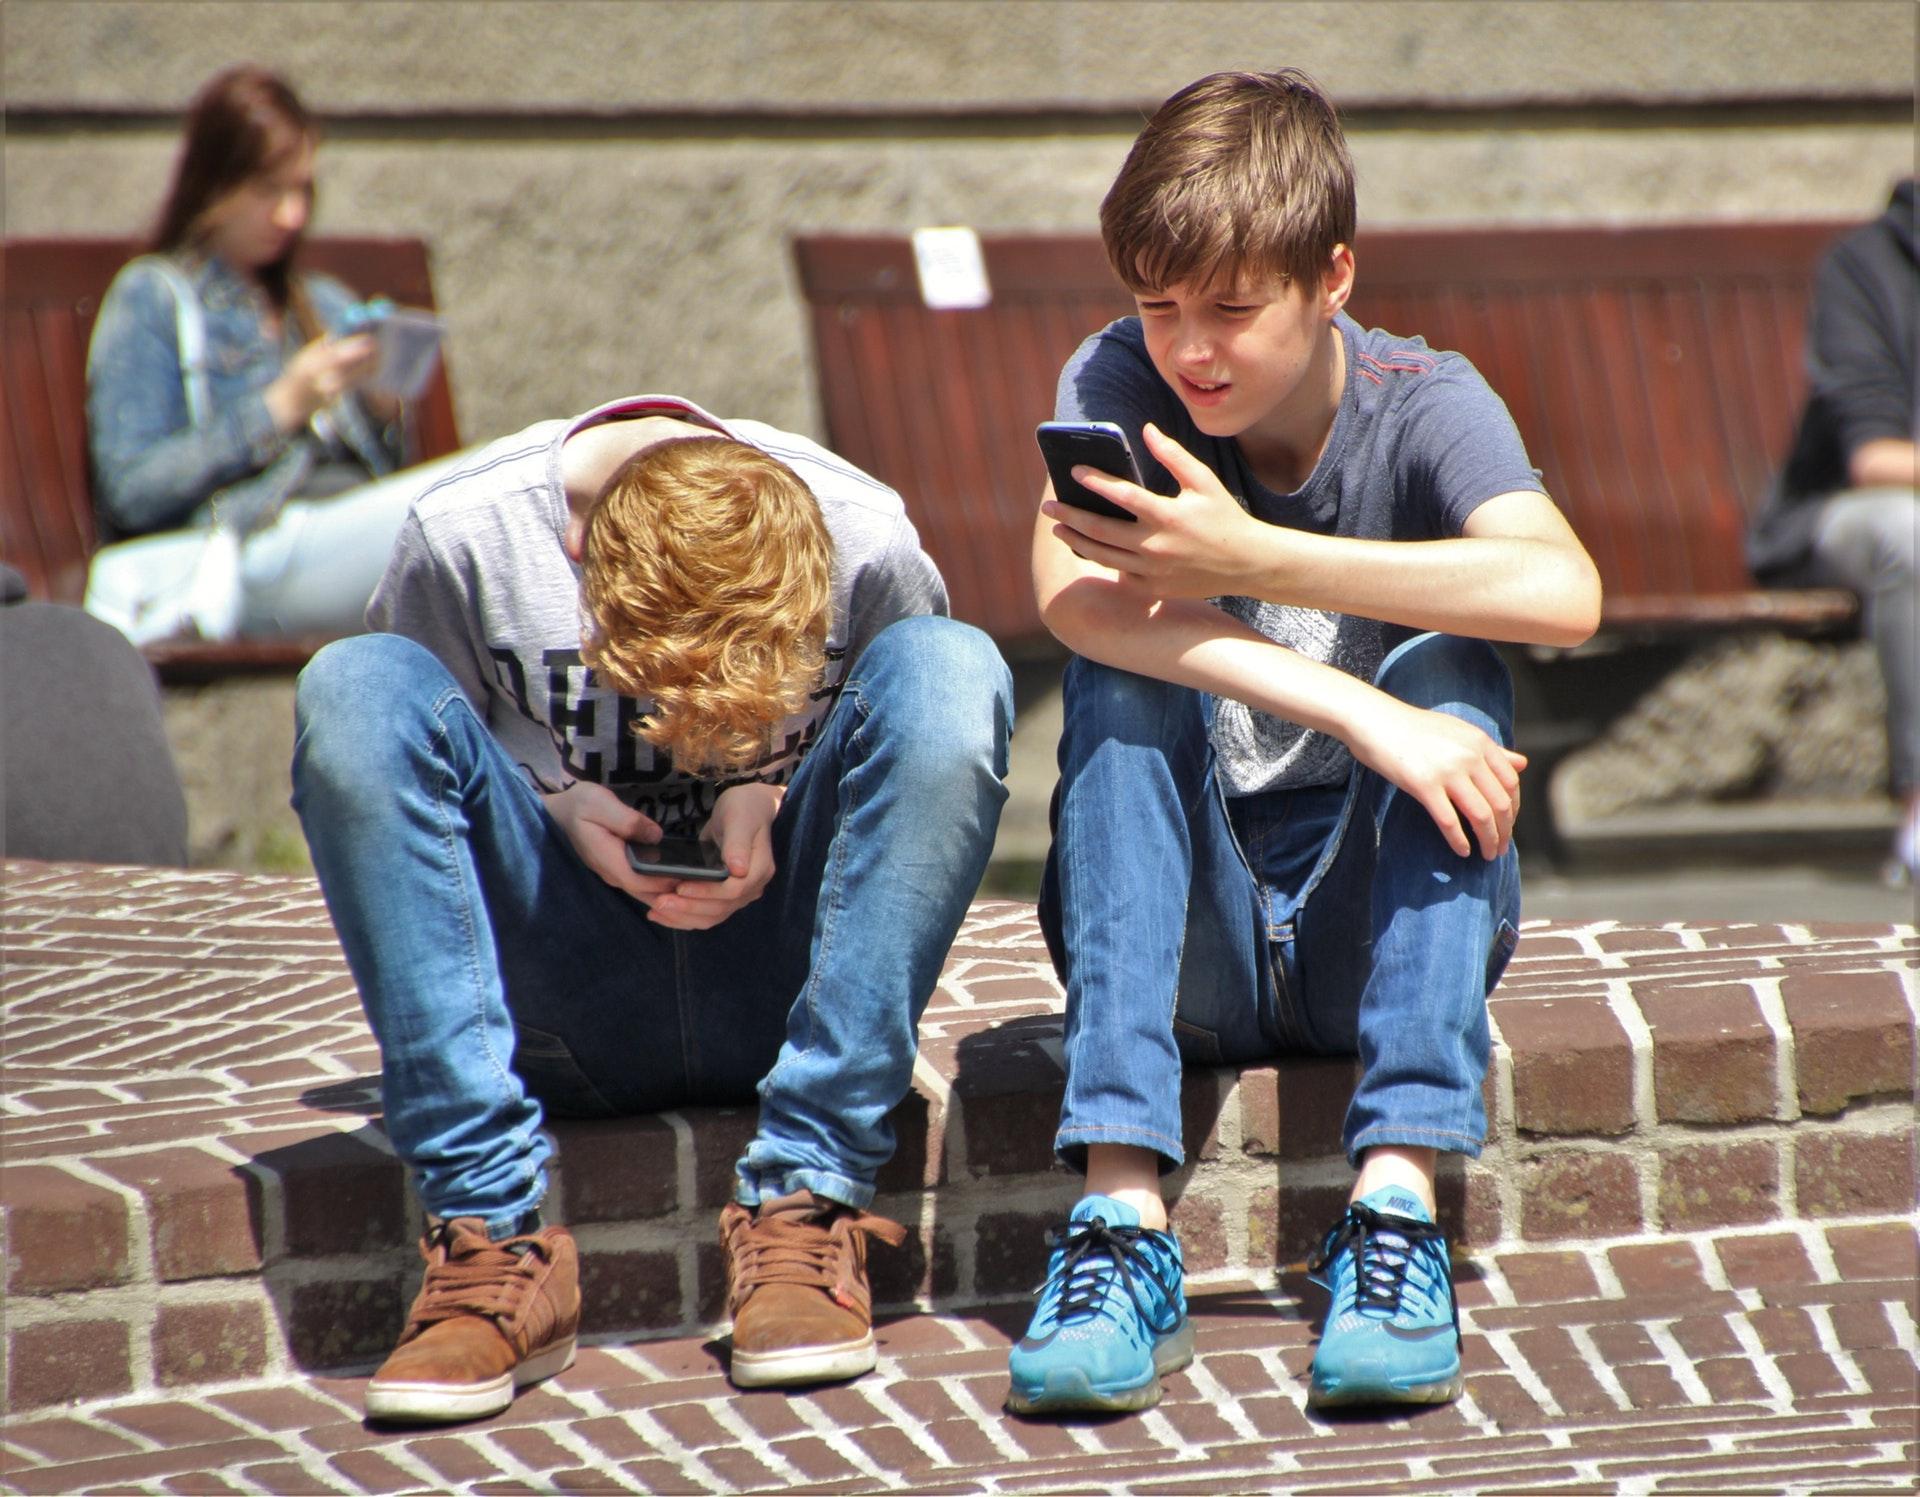 Passer moins de temps sur le smartphone rendrait les ados plus heureux d'après une étude